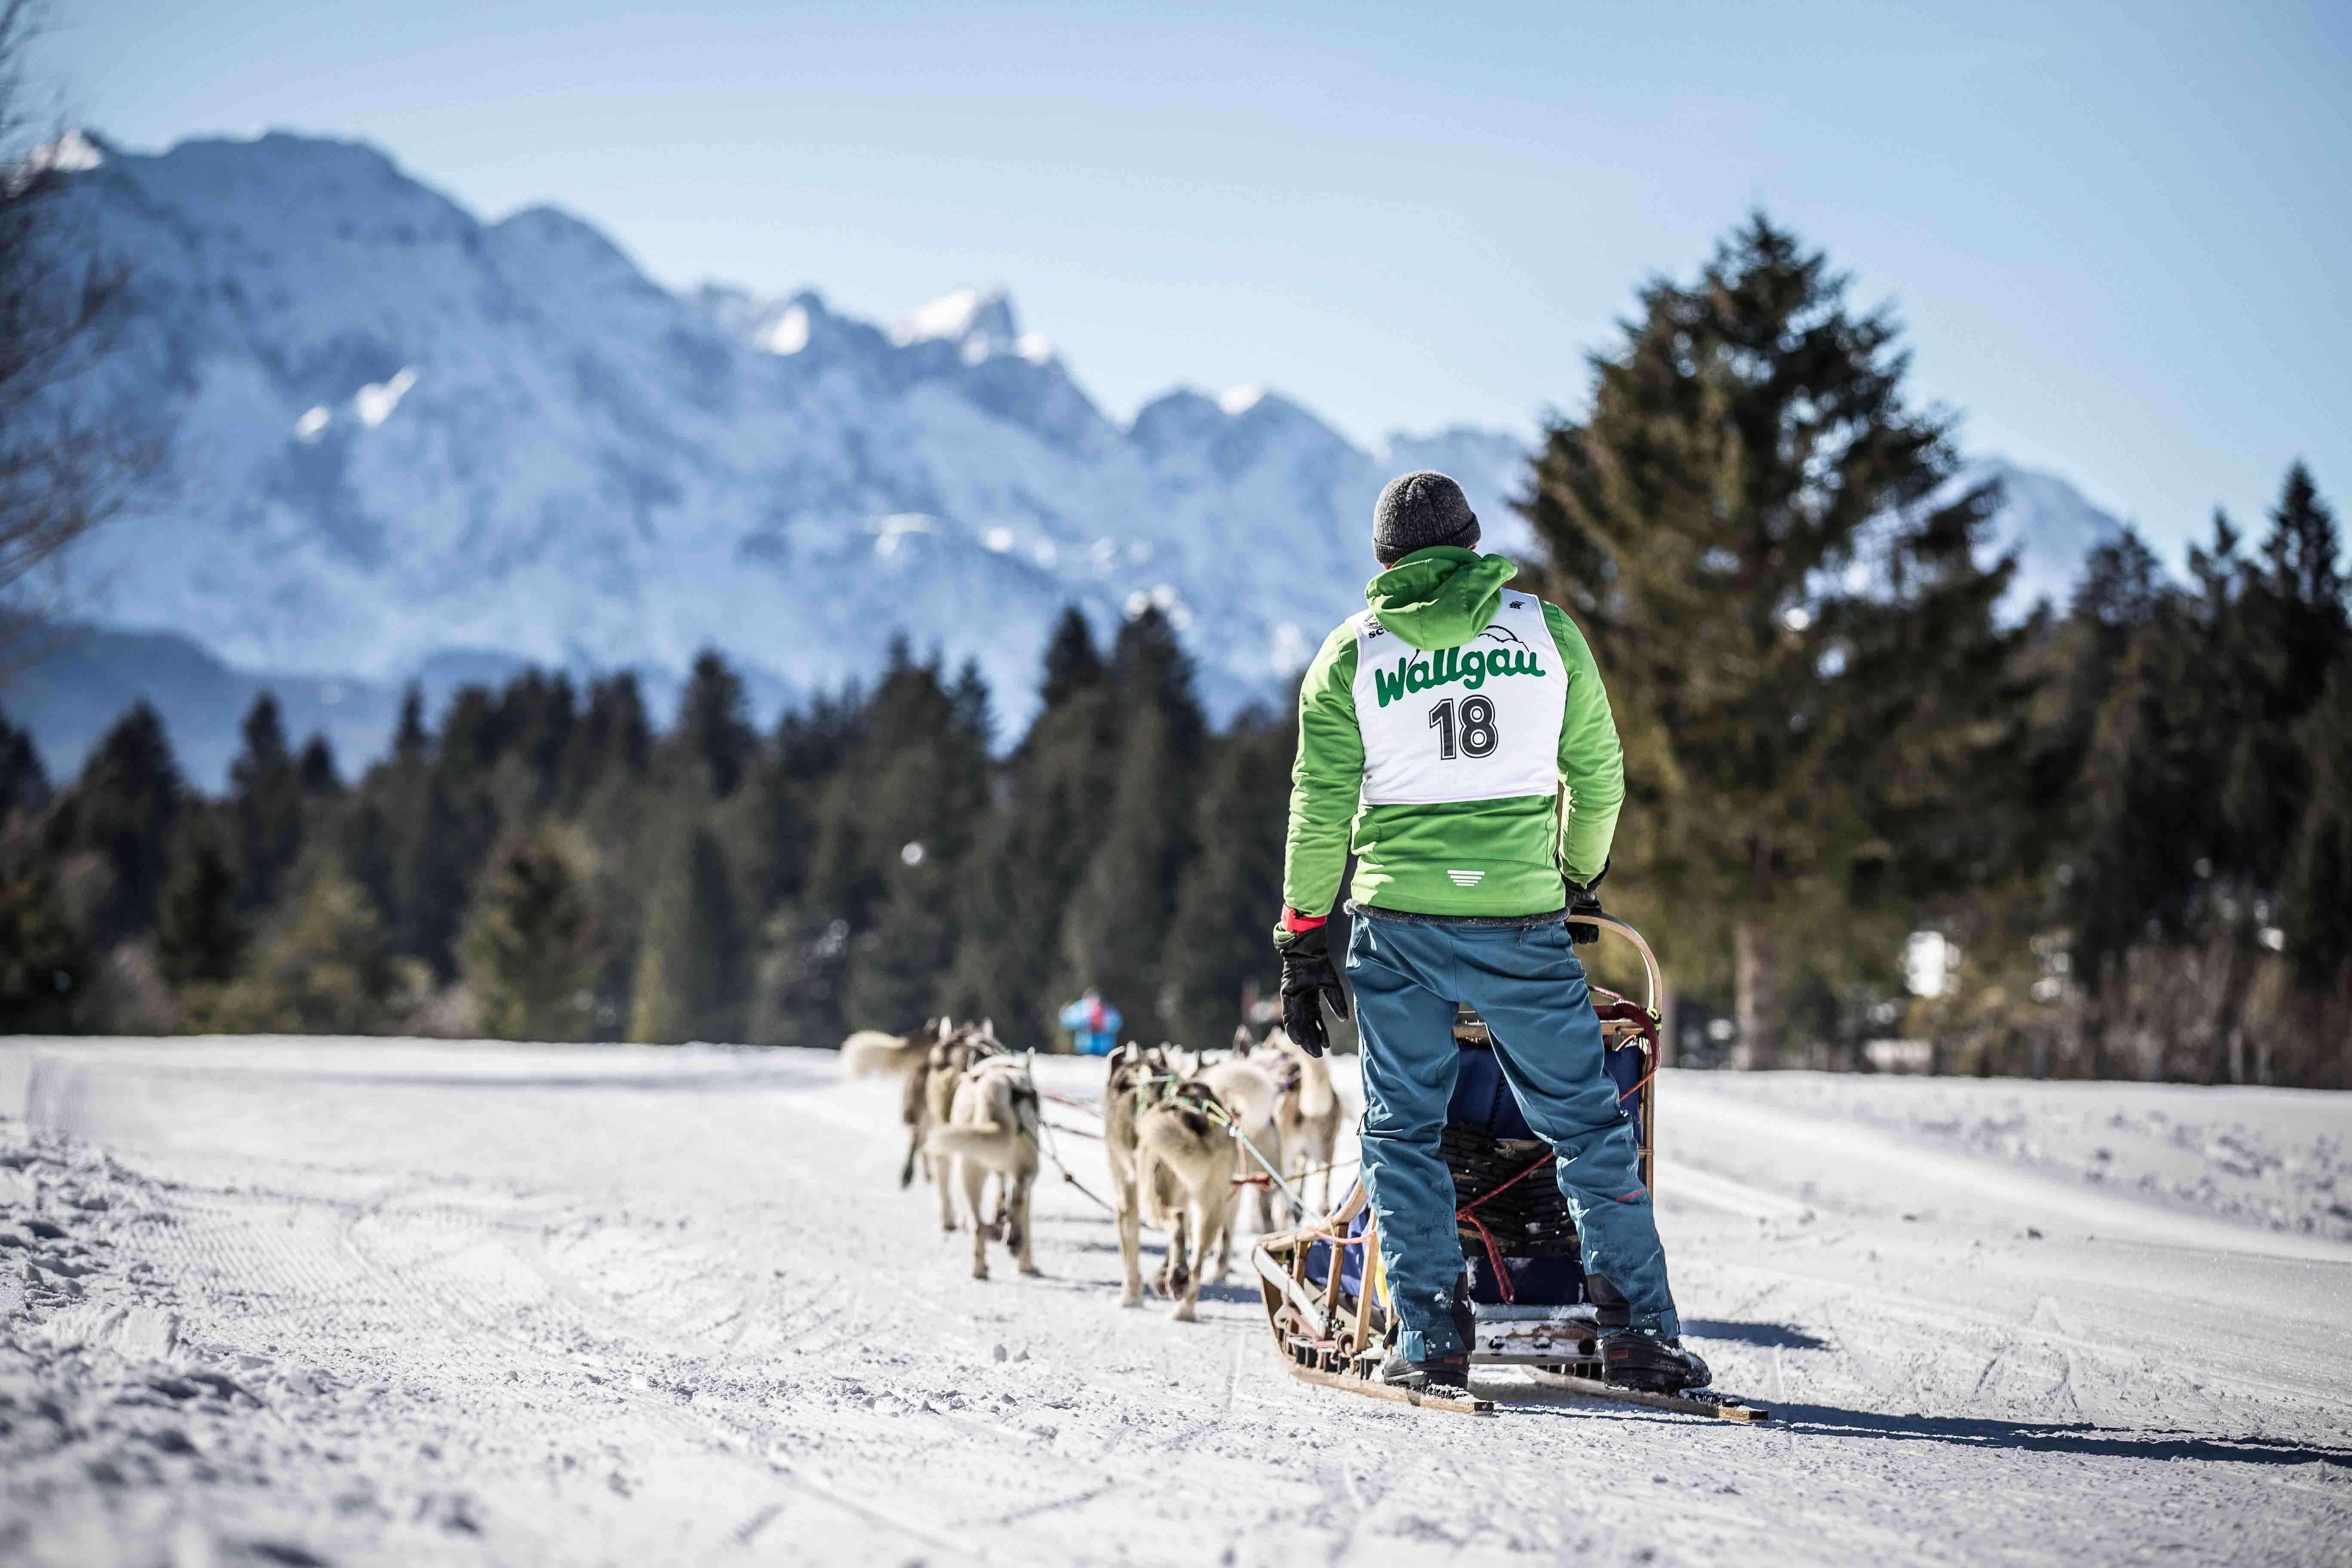 Internationales Schlittenhunderennen Wallgau